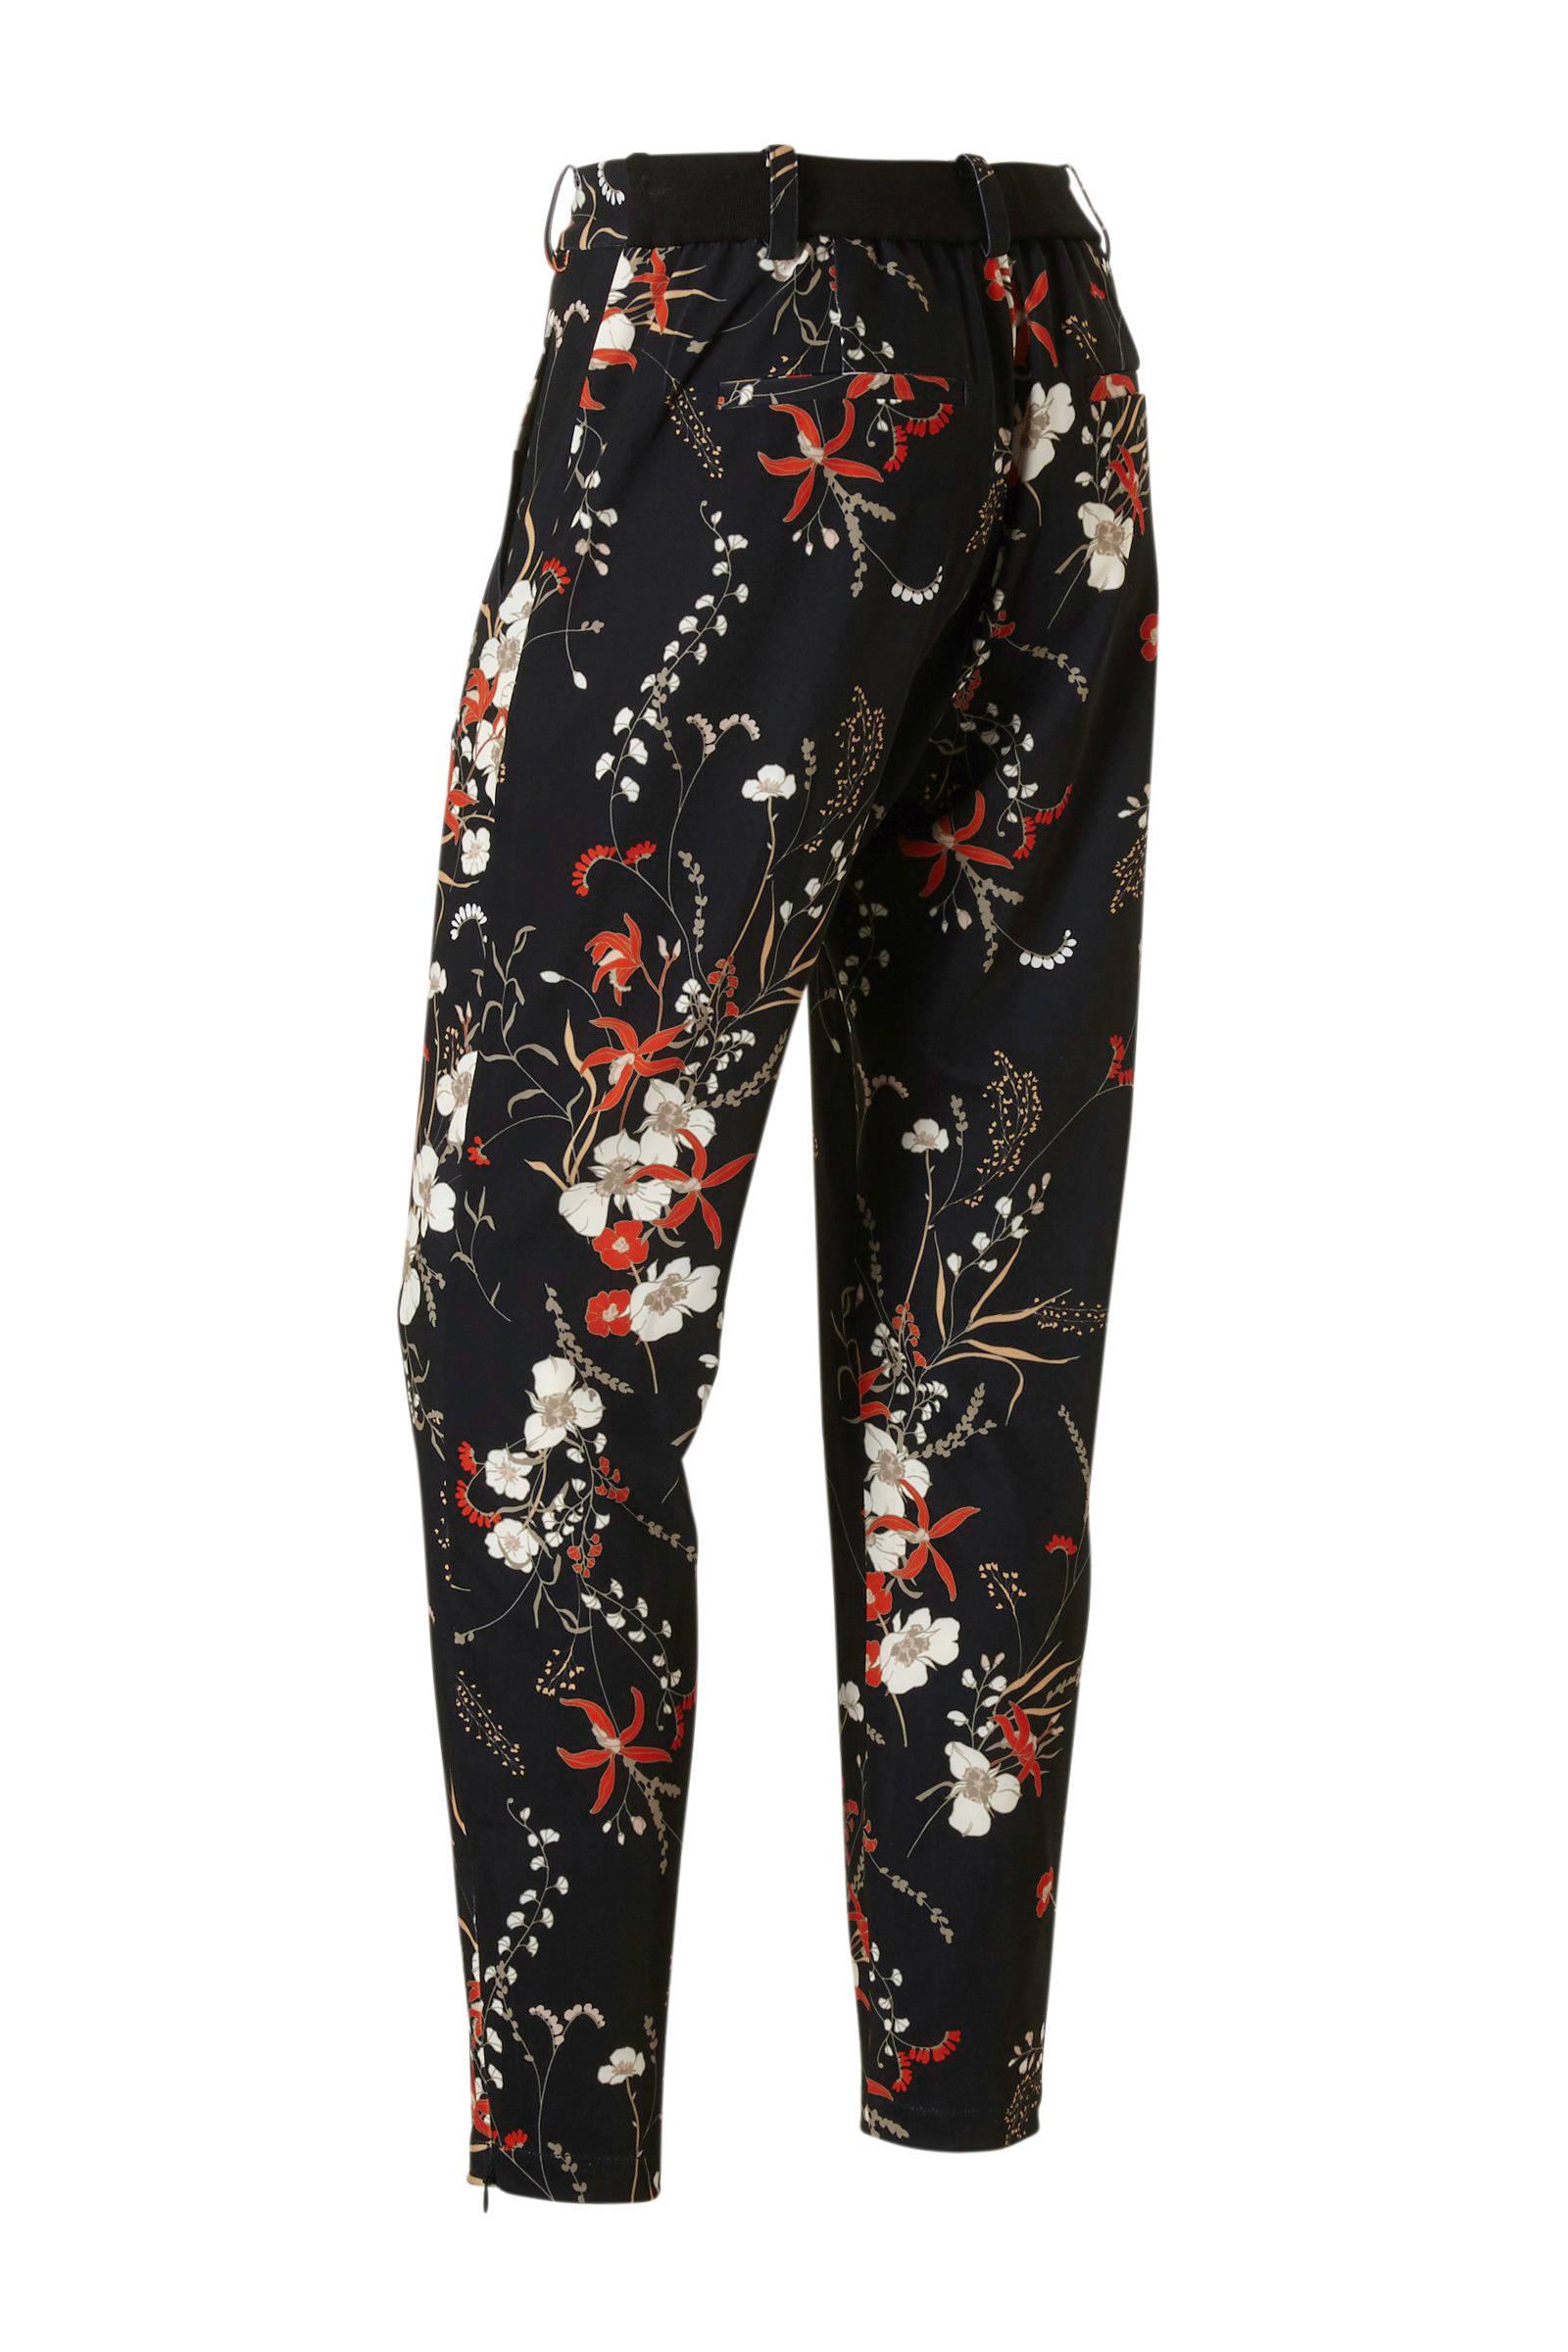 Inwear Gebloemde Regular Fit Broek Zwart qPlQP2YB